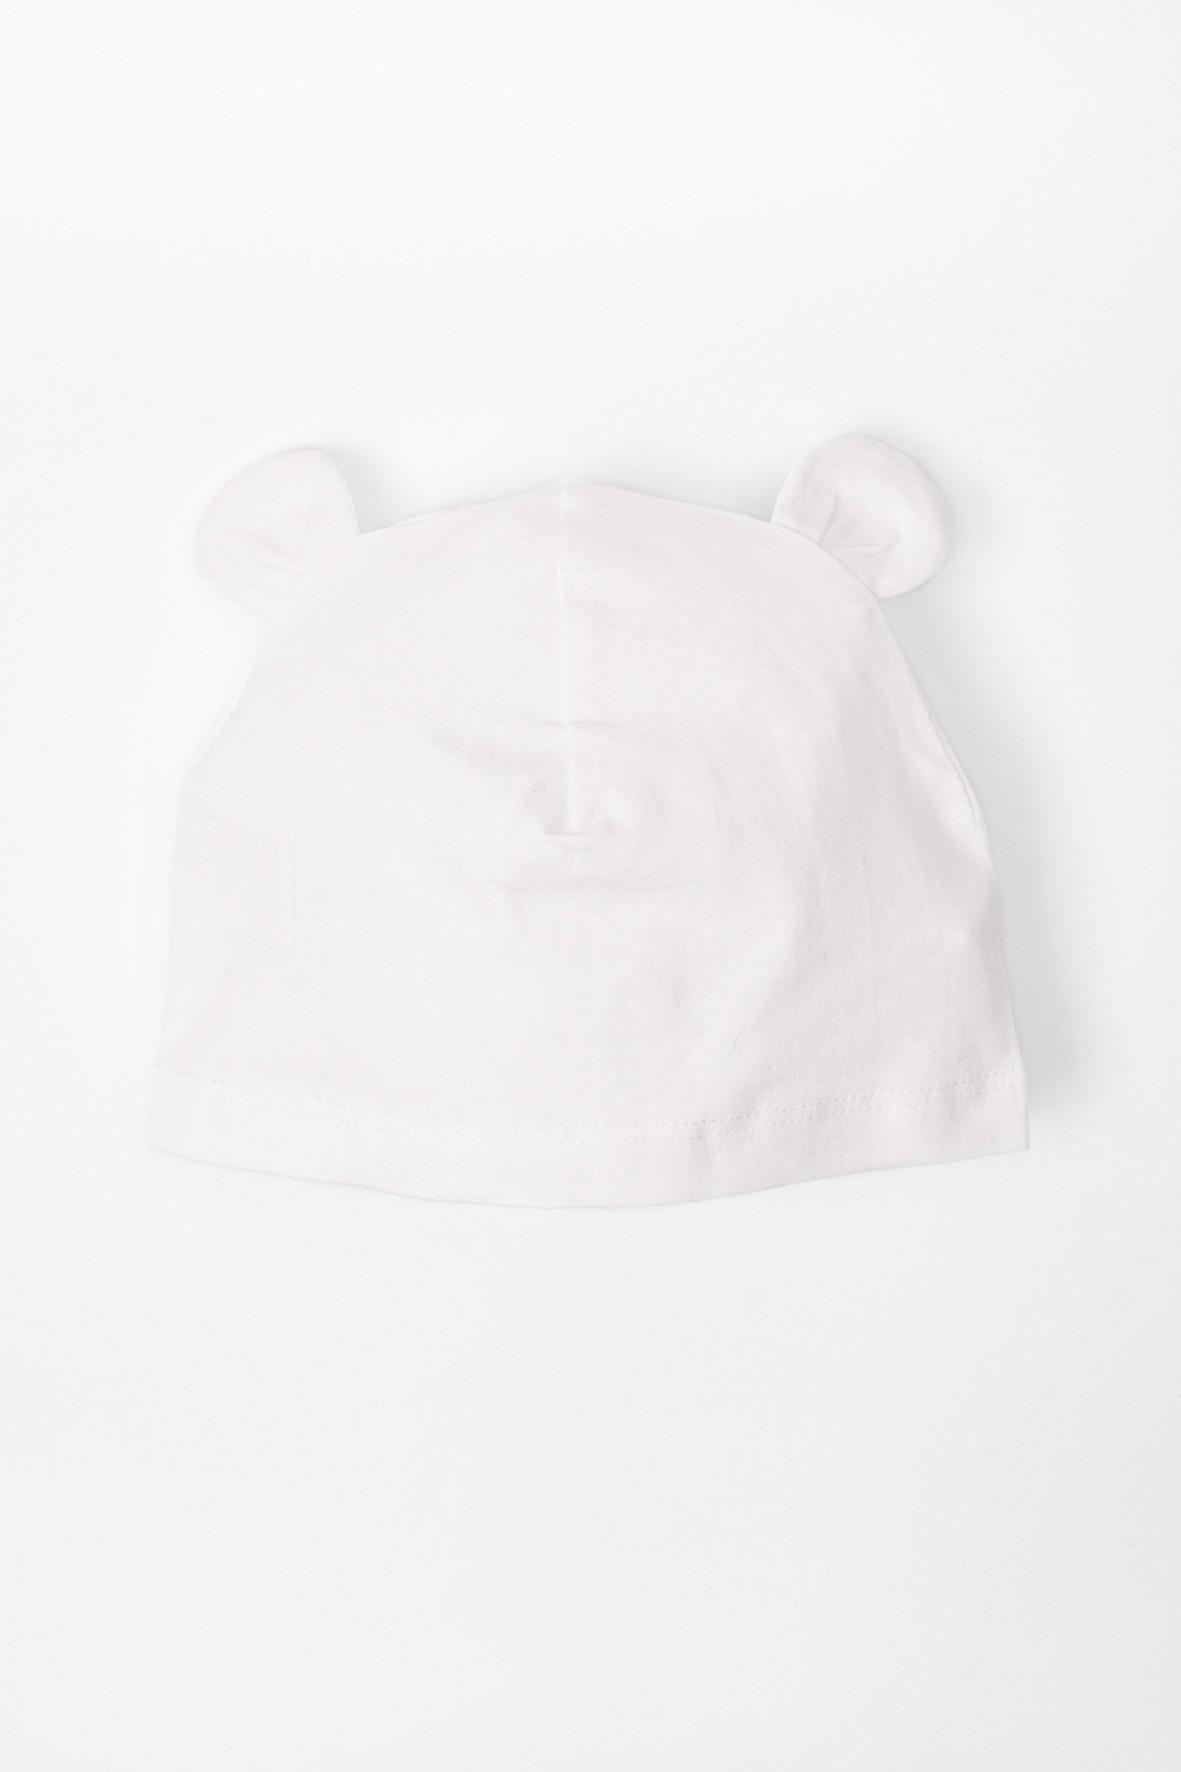 Czapka niemowlęca biała z uszkami